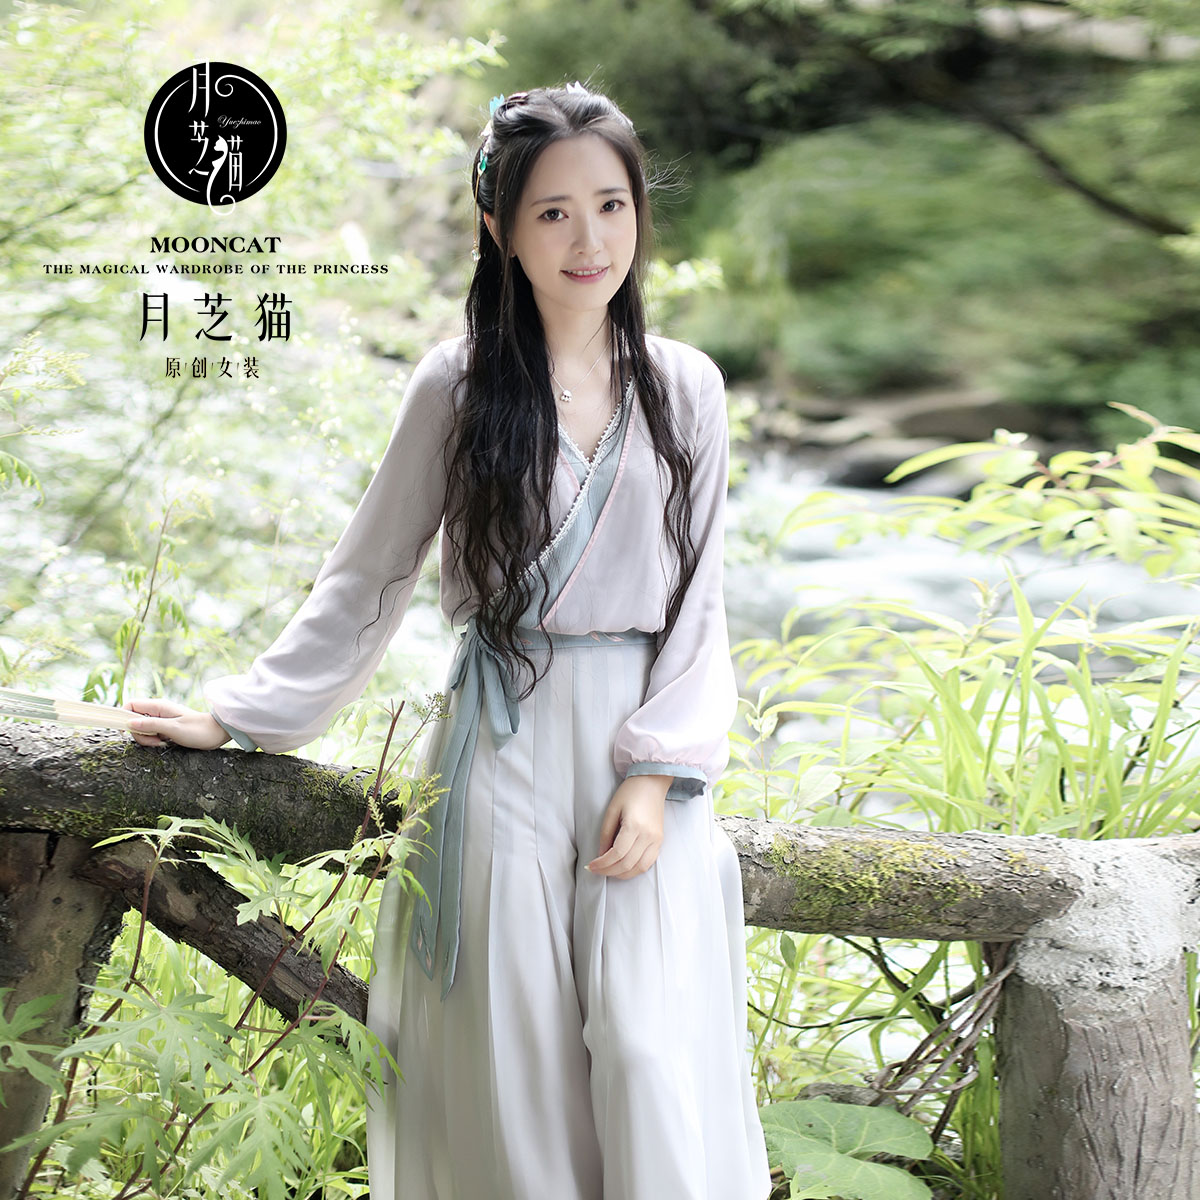 券后299.00元月芝猫【长相思】春夏季汉元素改良中国风长裙古风日常装连衣裙